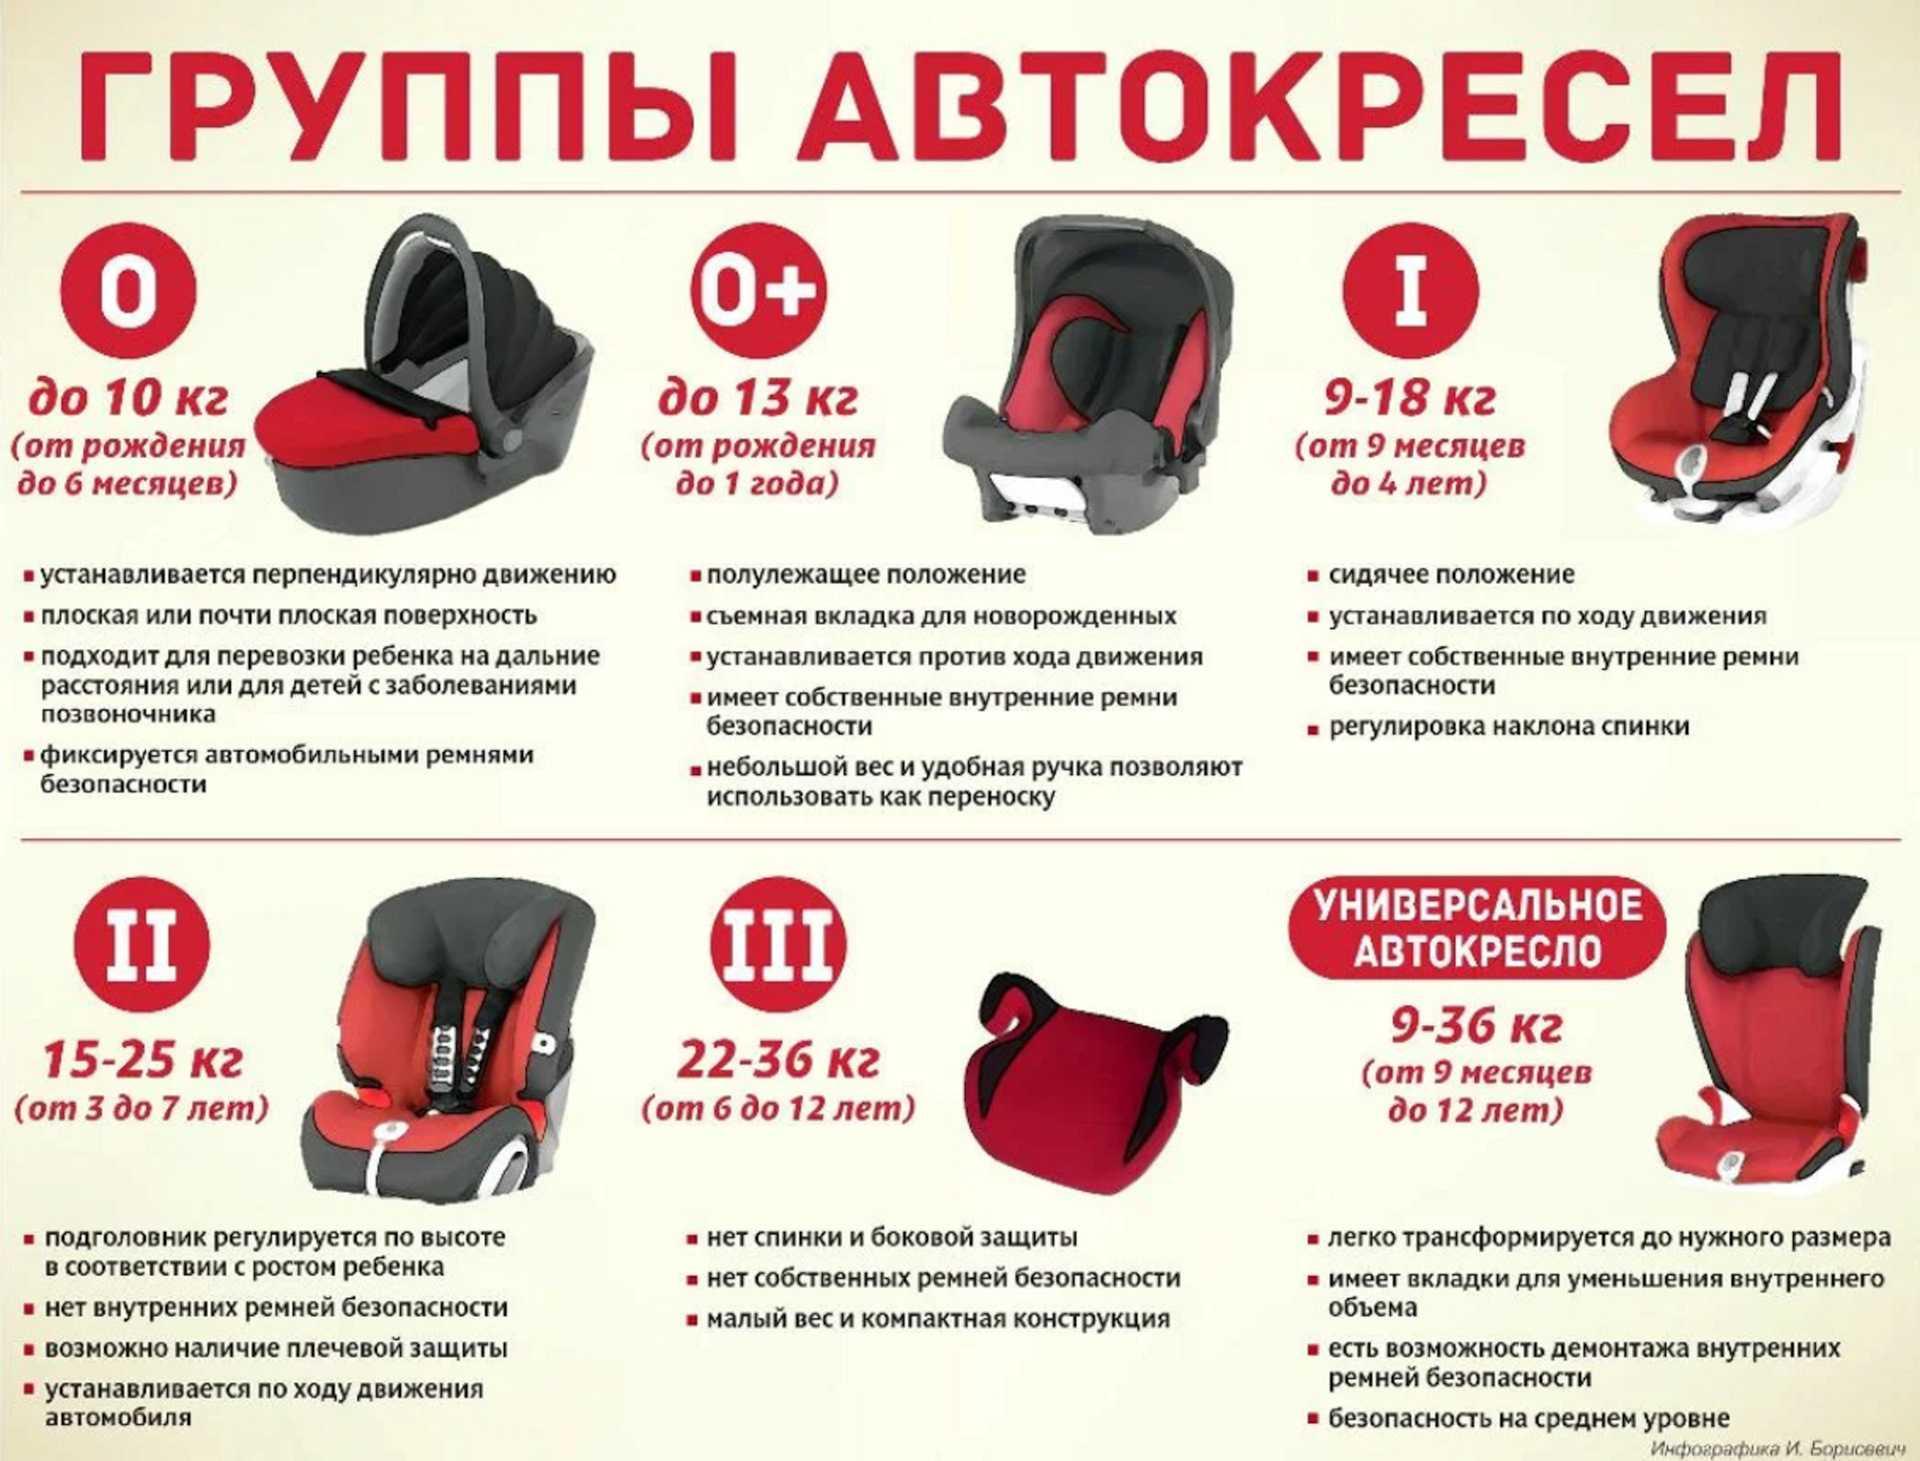 Бескаркасное кресло для детей в машину - разрешено ли